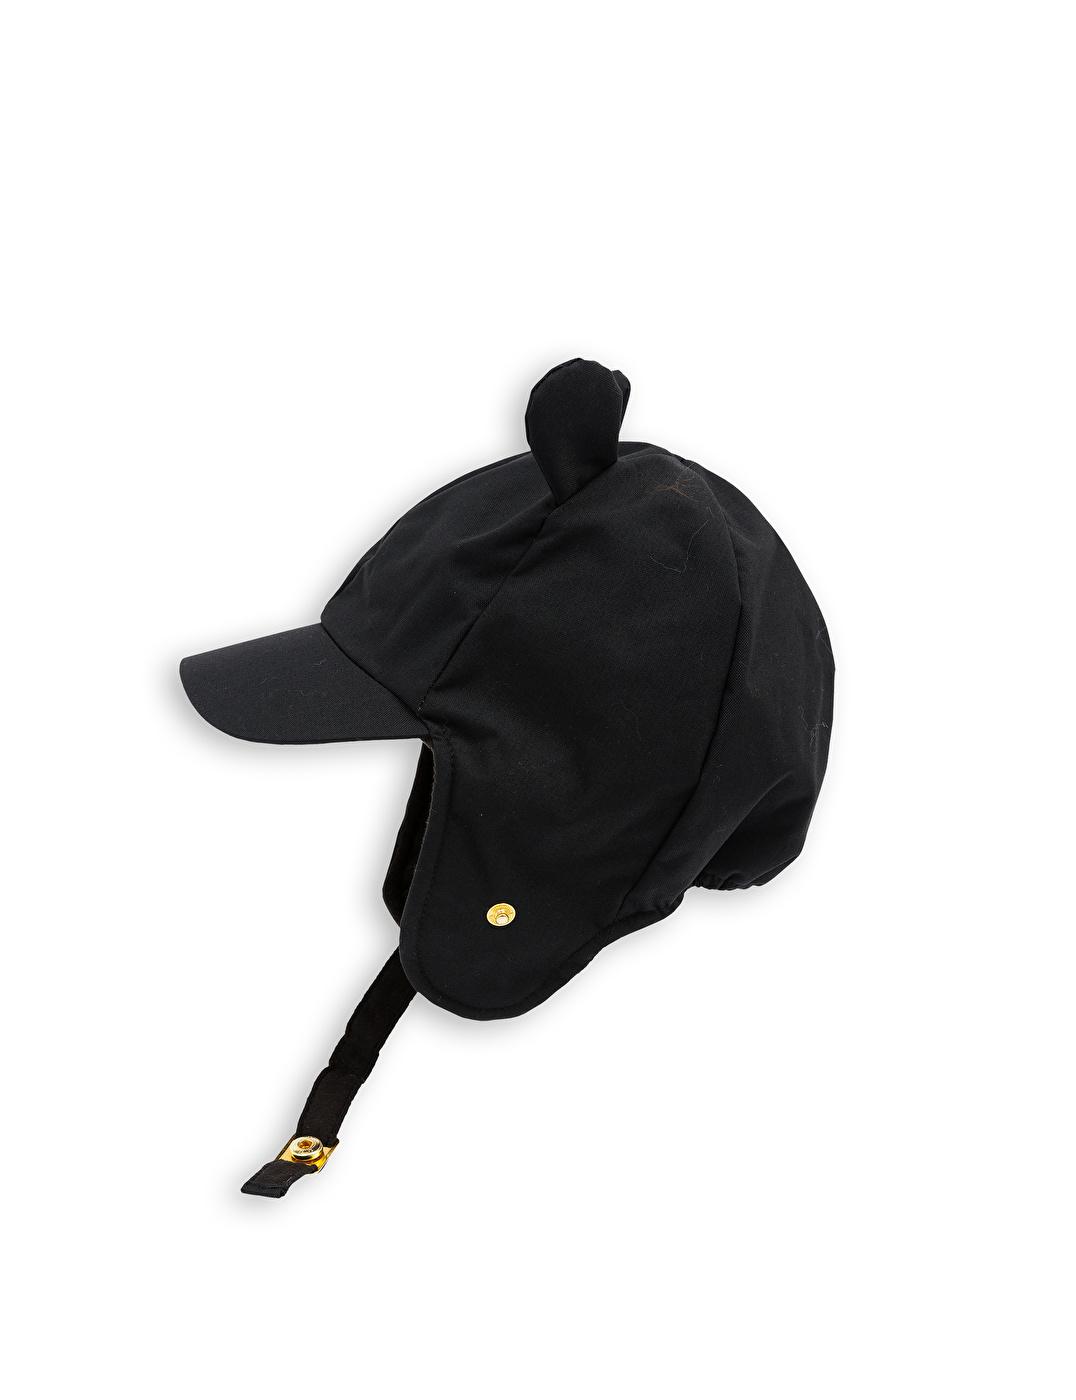 1776511699-4-mini-rodini-alaska-ear-cap-black